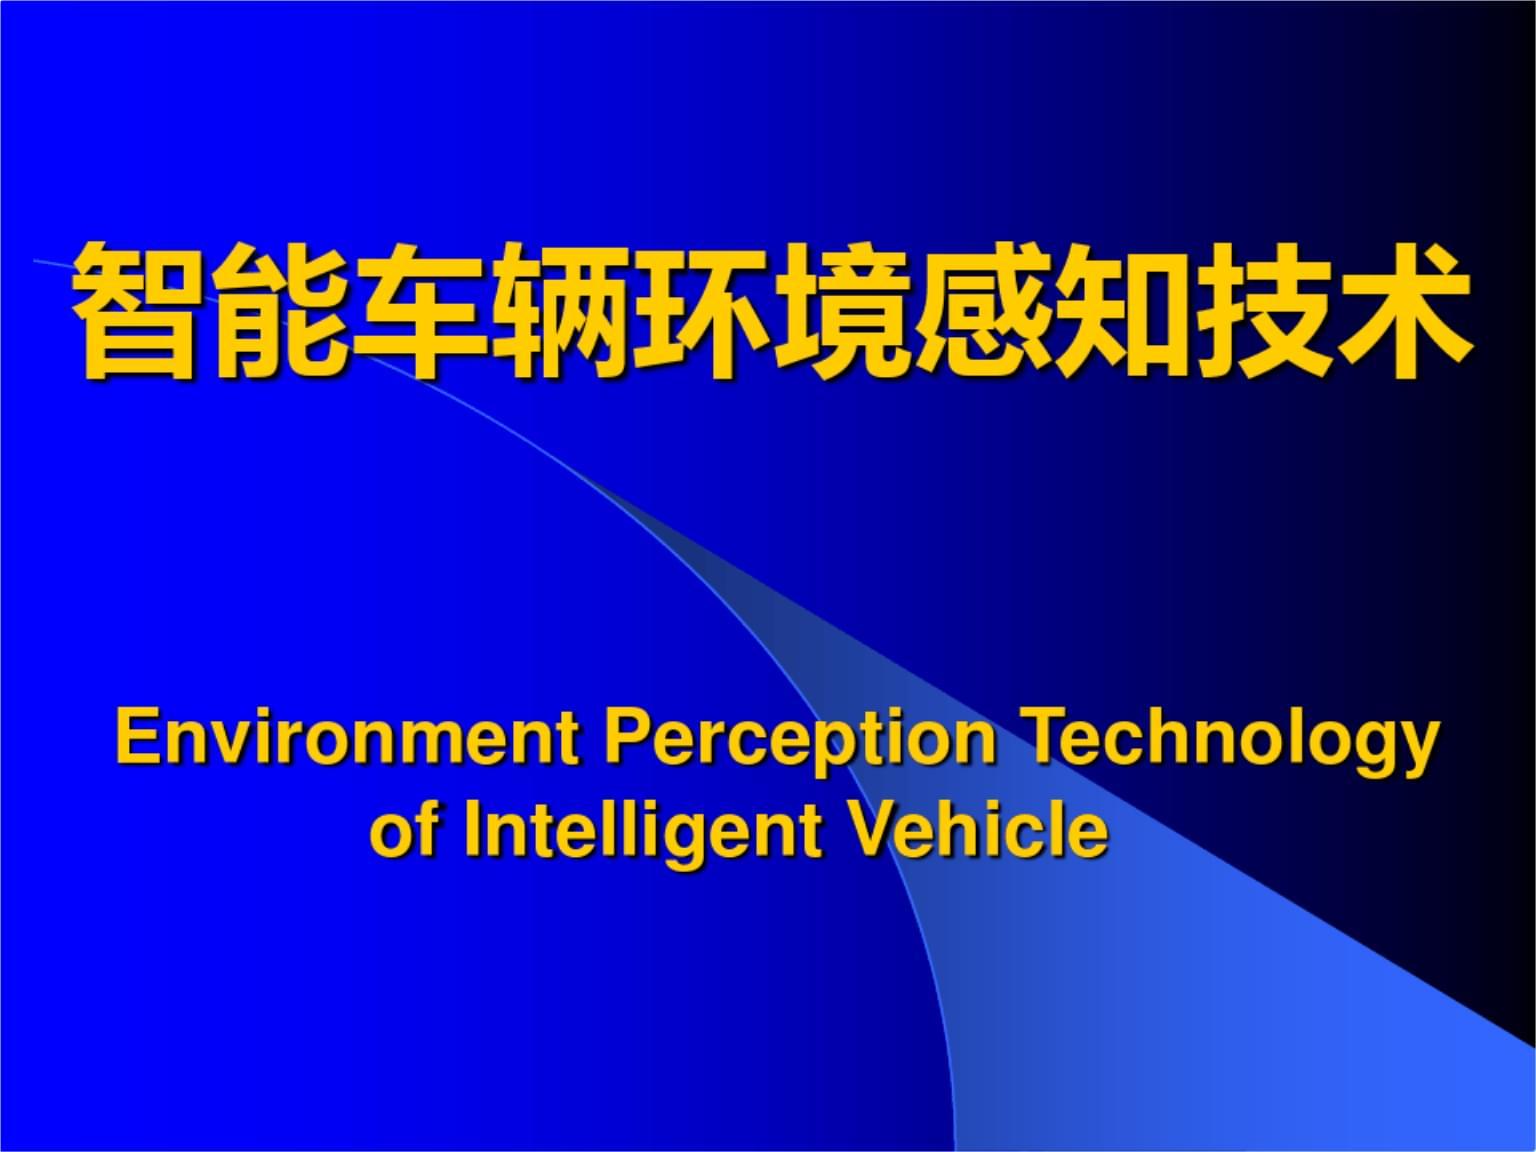 最新环境感知技术介绍基于无人驾驶汽车技术.ppt